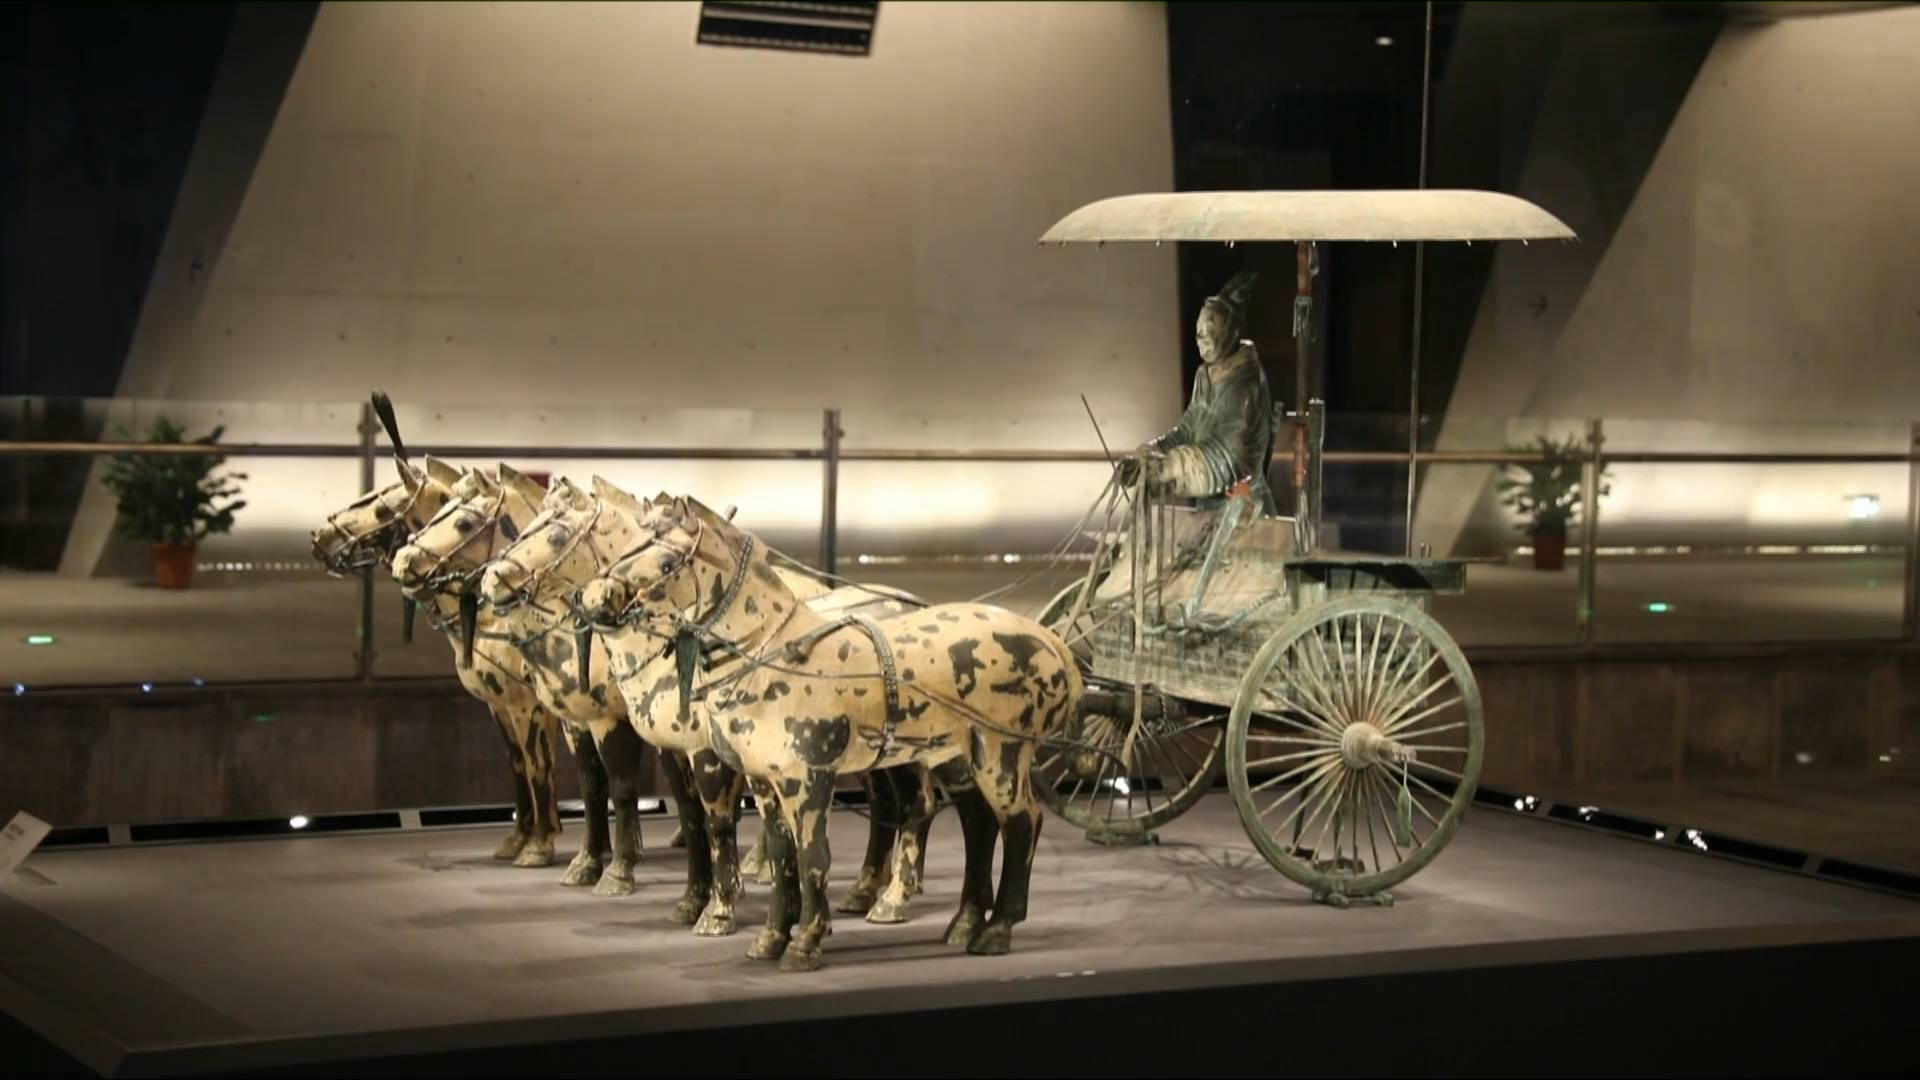 ซีอันเปิดพิพิธภัณฑ์ใหม่ โชว์ 'รถม้าสุสานจิ๋นซี' อายุ 2,200 ปี